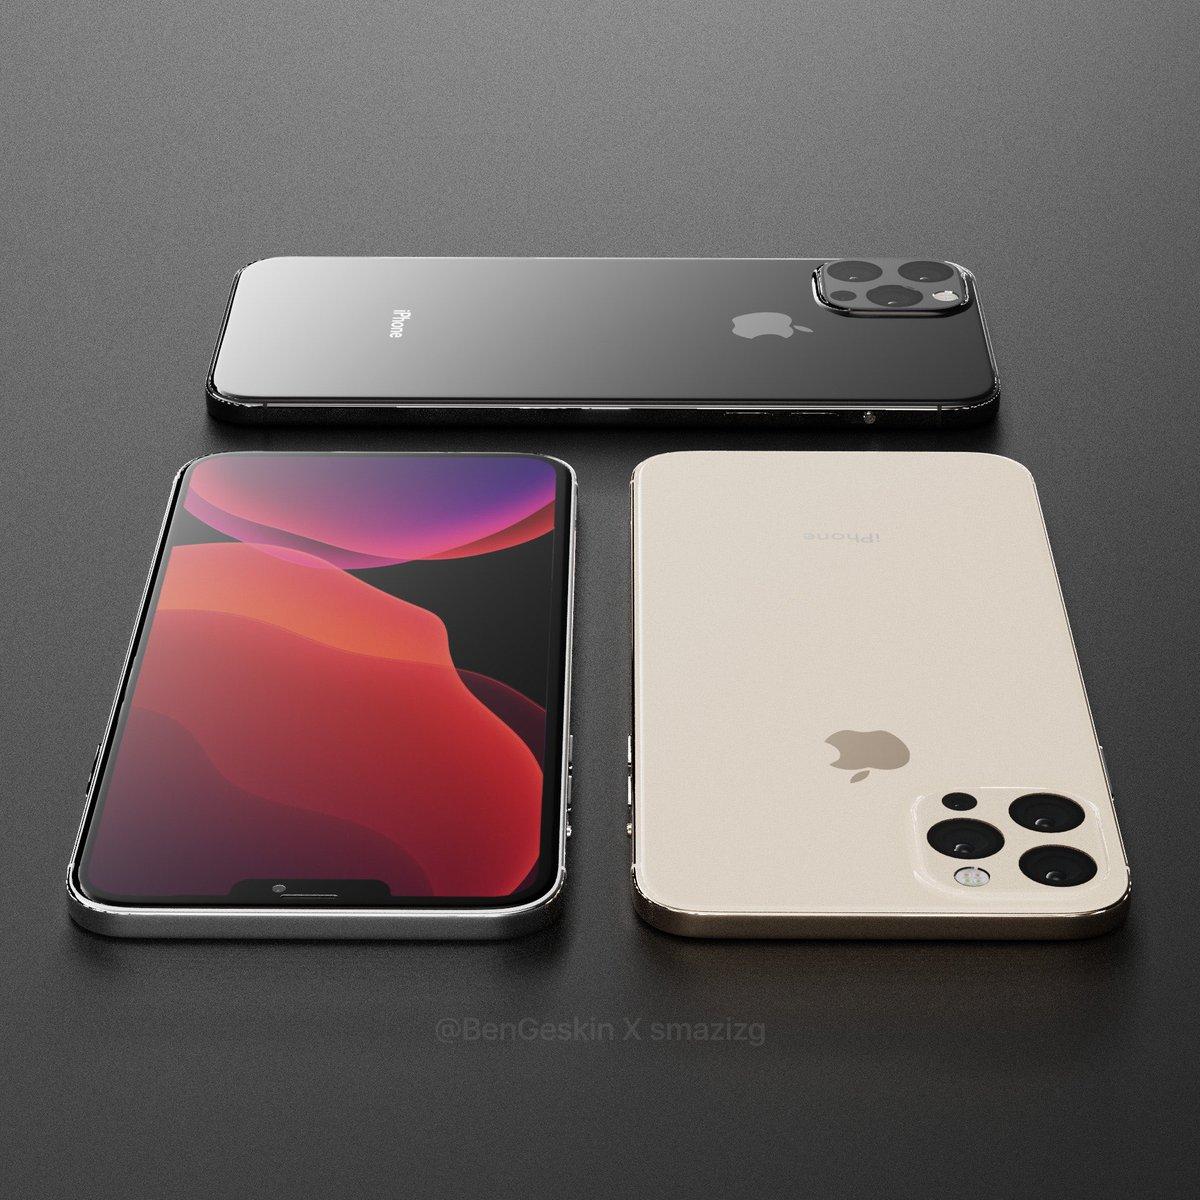 Iphone 2020 Renders Ben Geskin Img 3